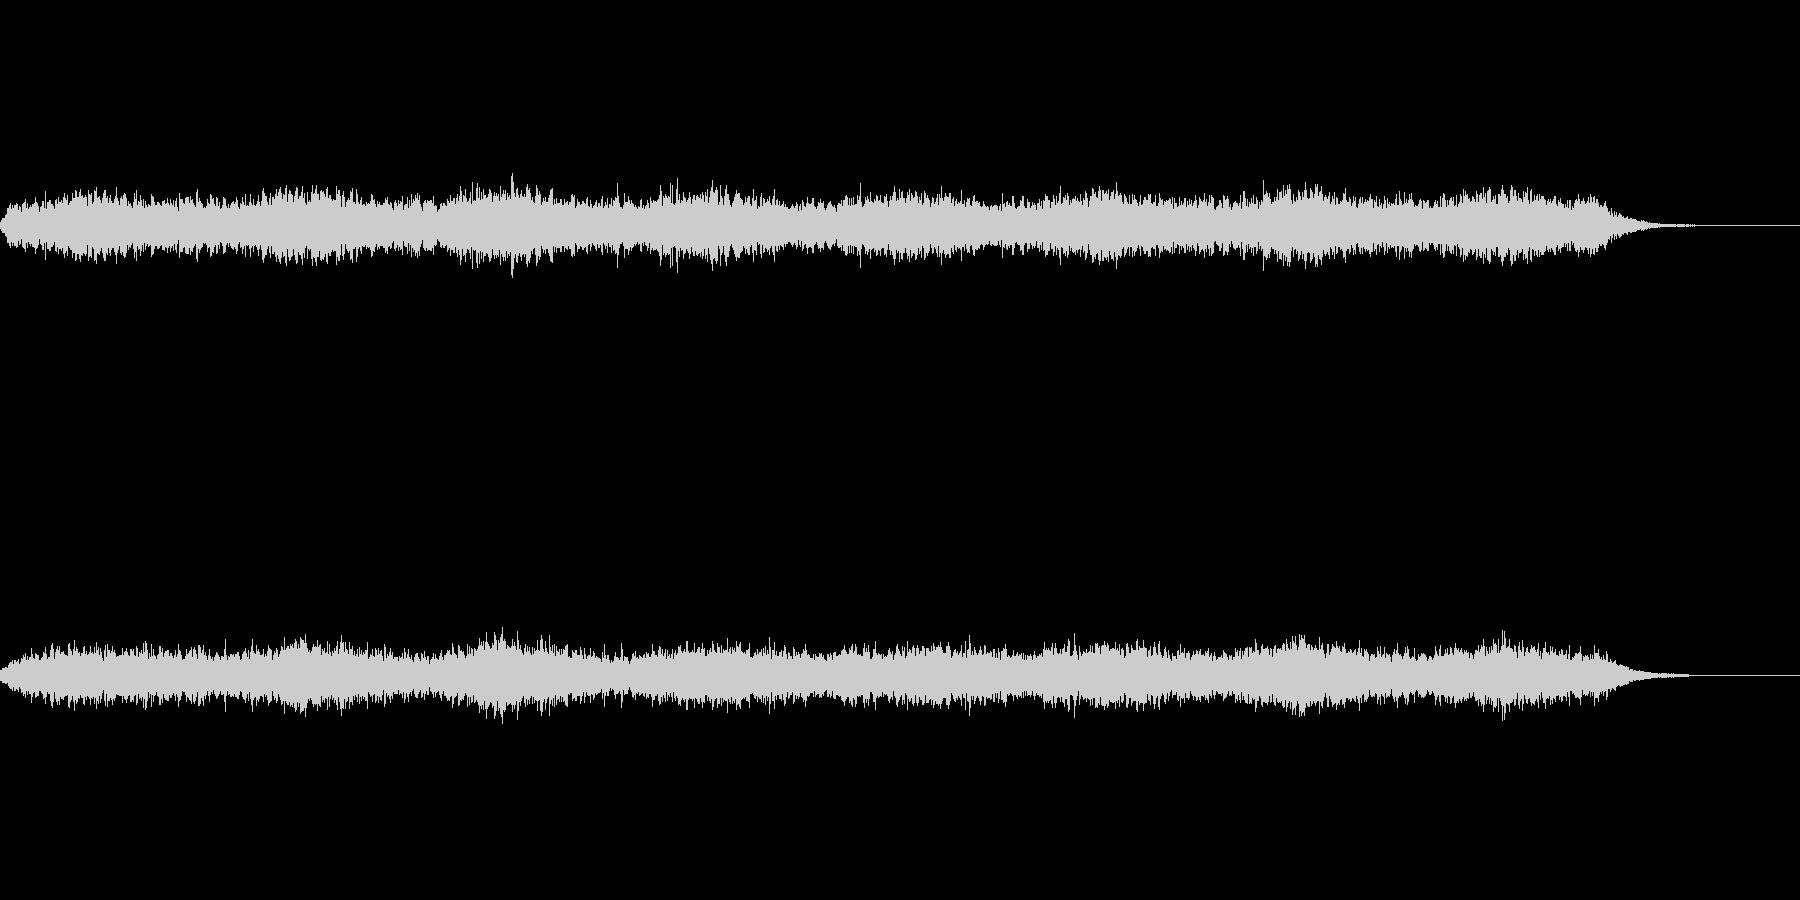 無限に上昇するように聞こえる効果音の未再生の波形